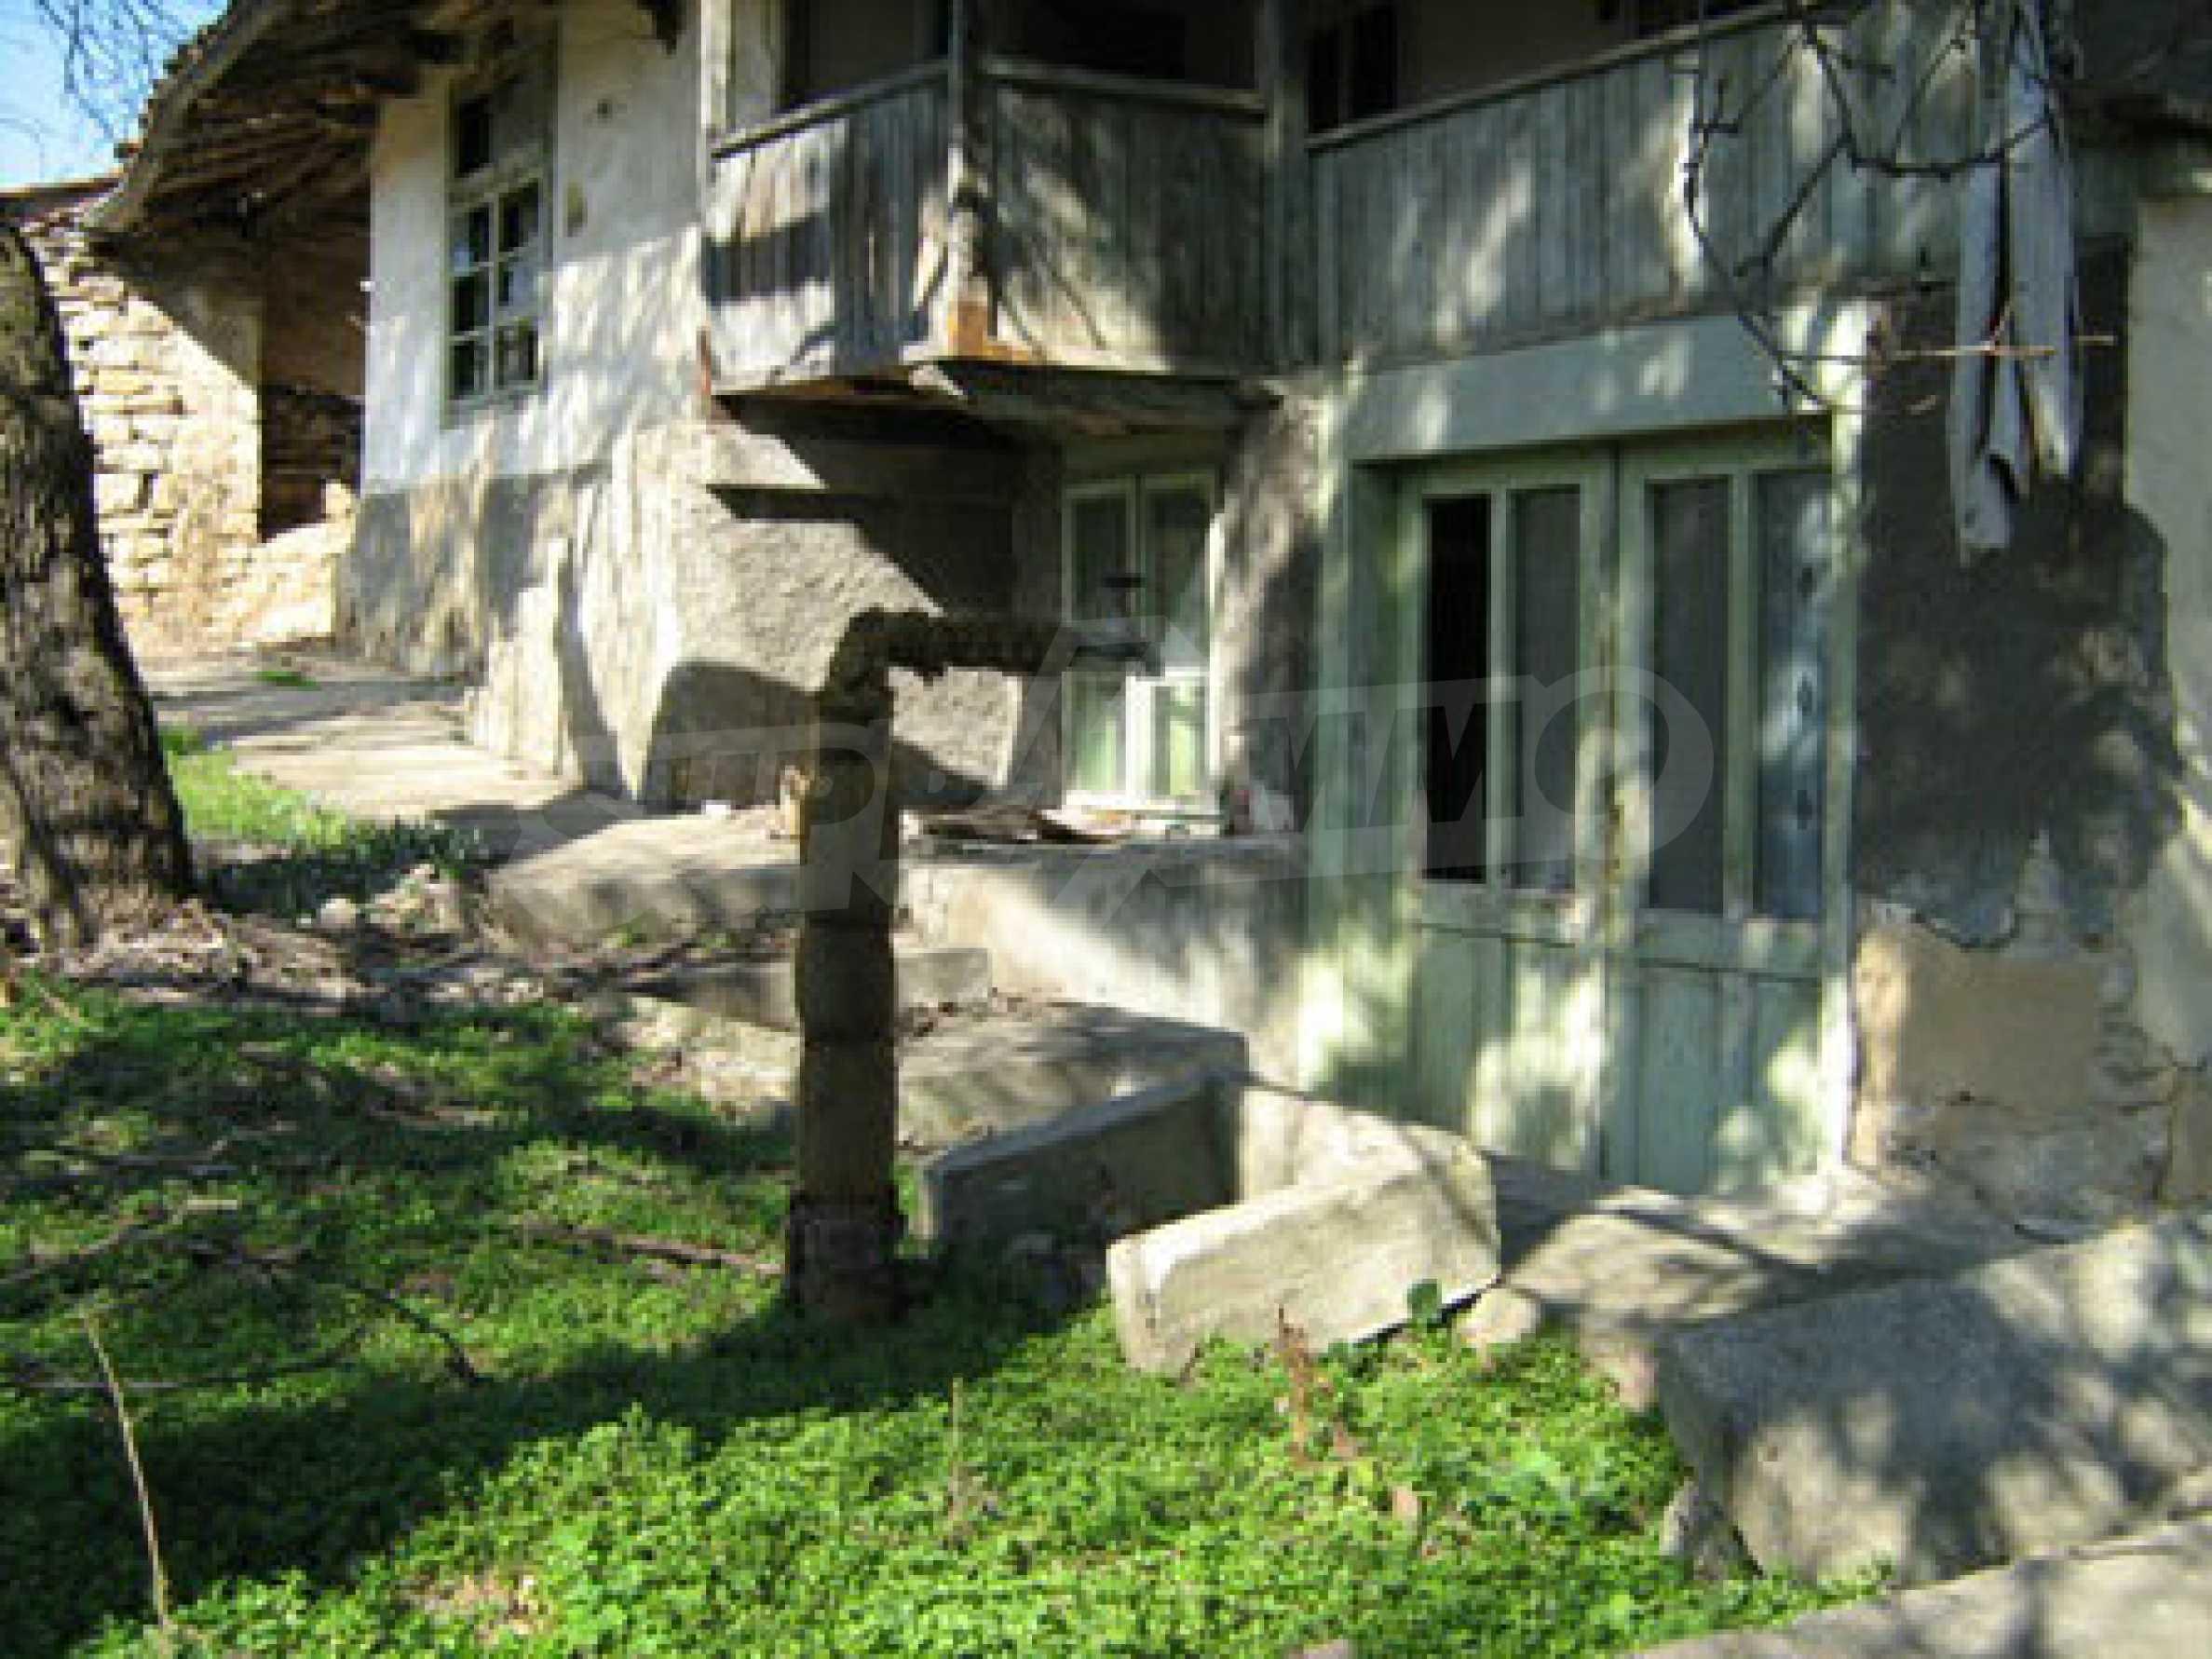 Ein altes authentisches Haus mit einem großen Garten in der Nähe der alten Hauptstadt 1